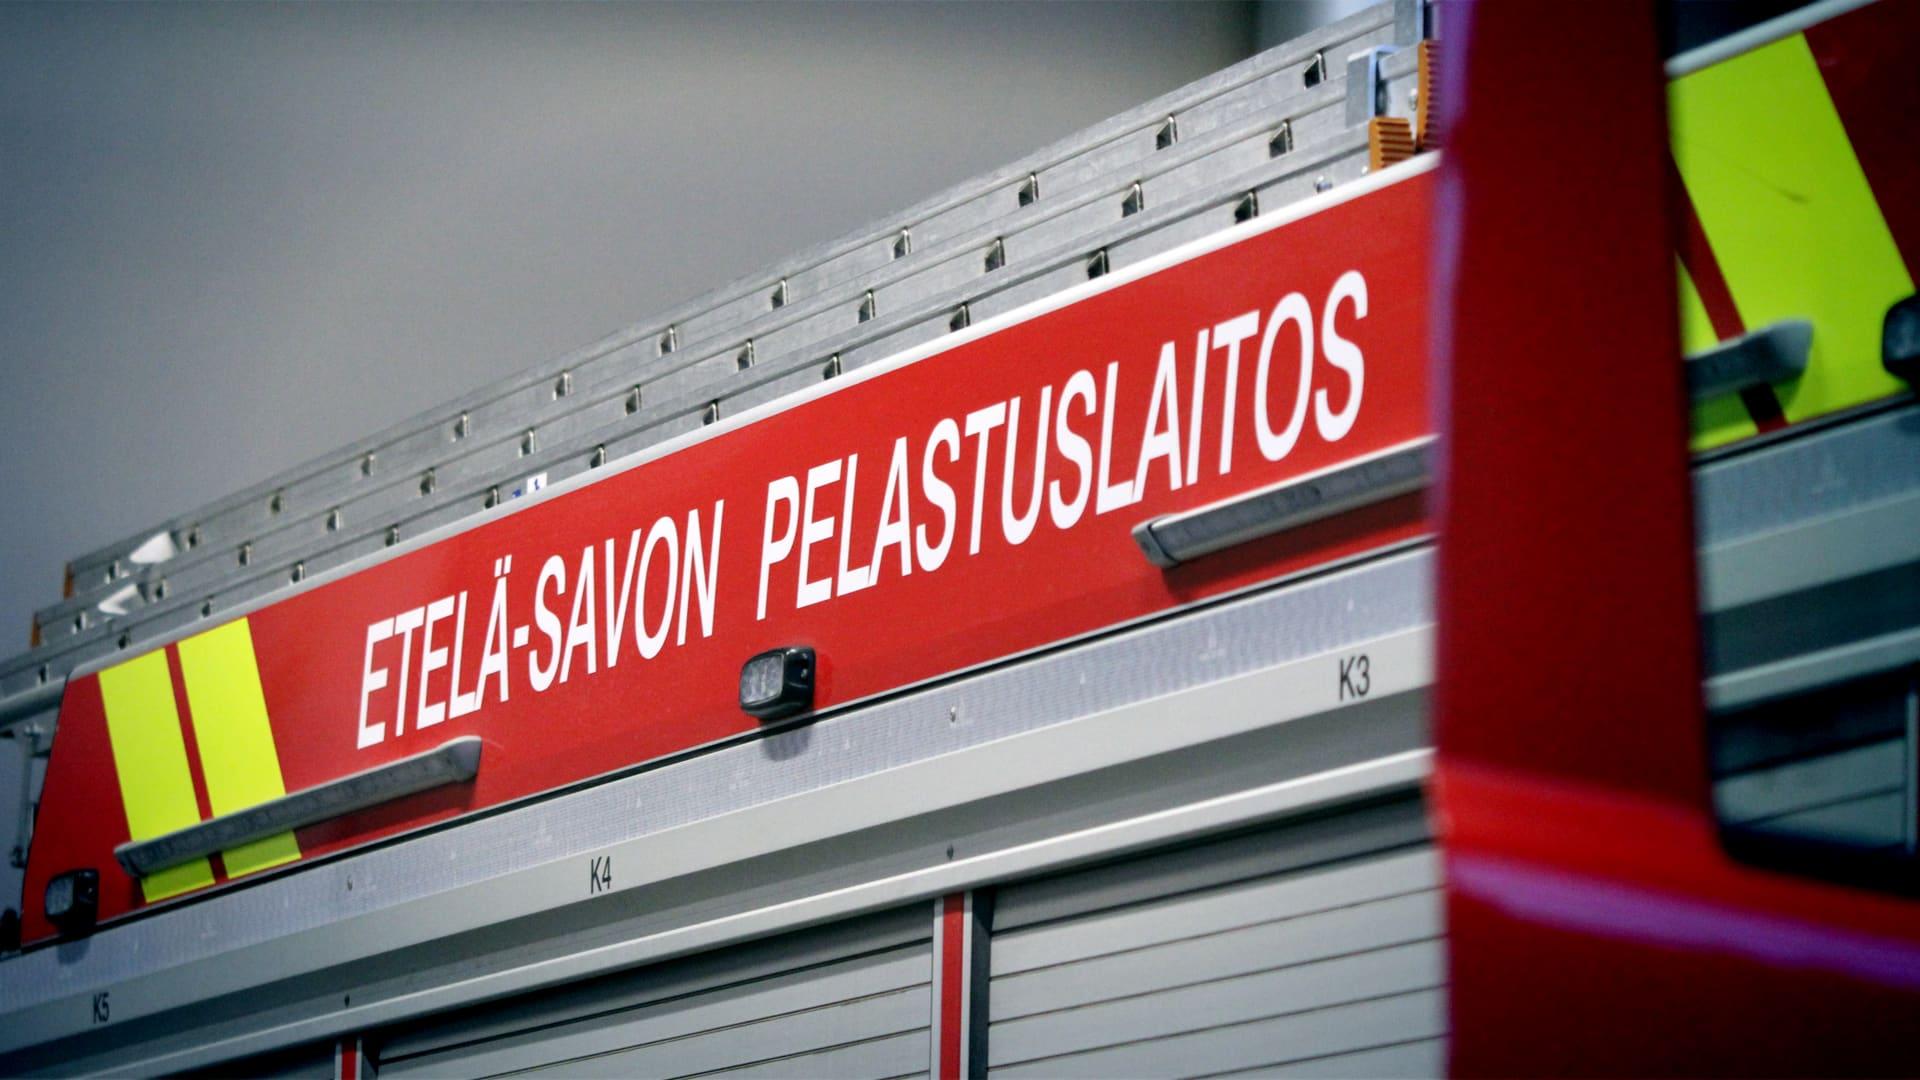 Paloauton kyljessä ESPL:n teksti.